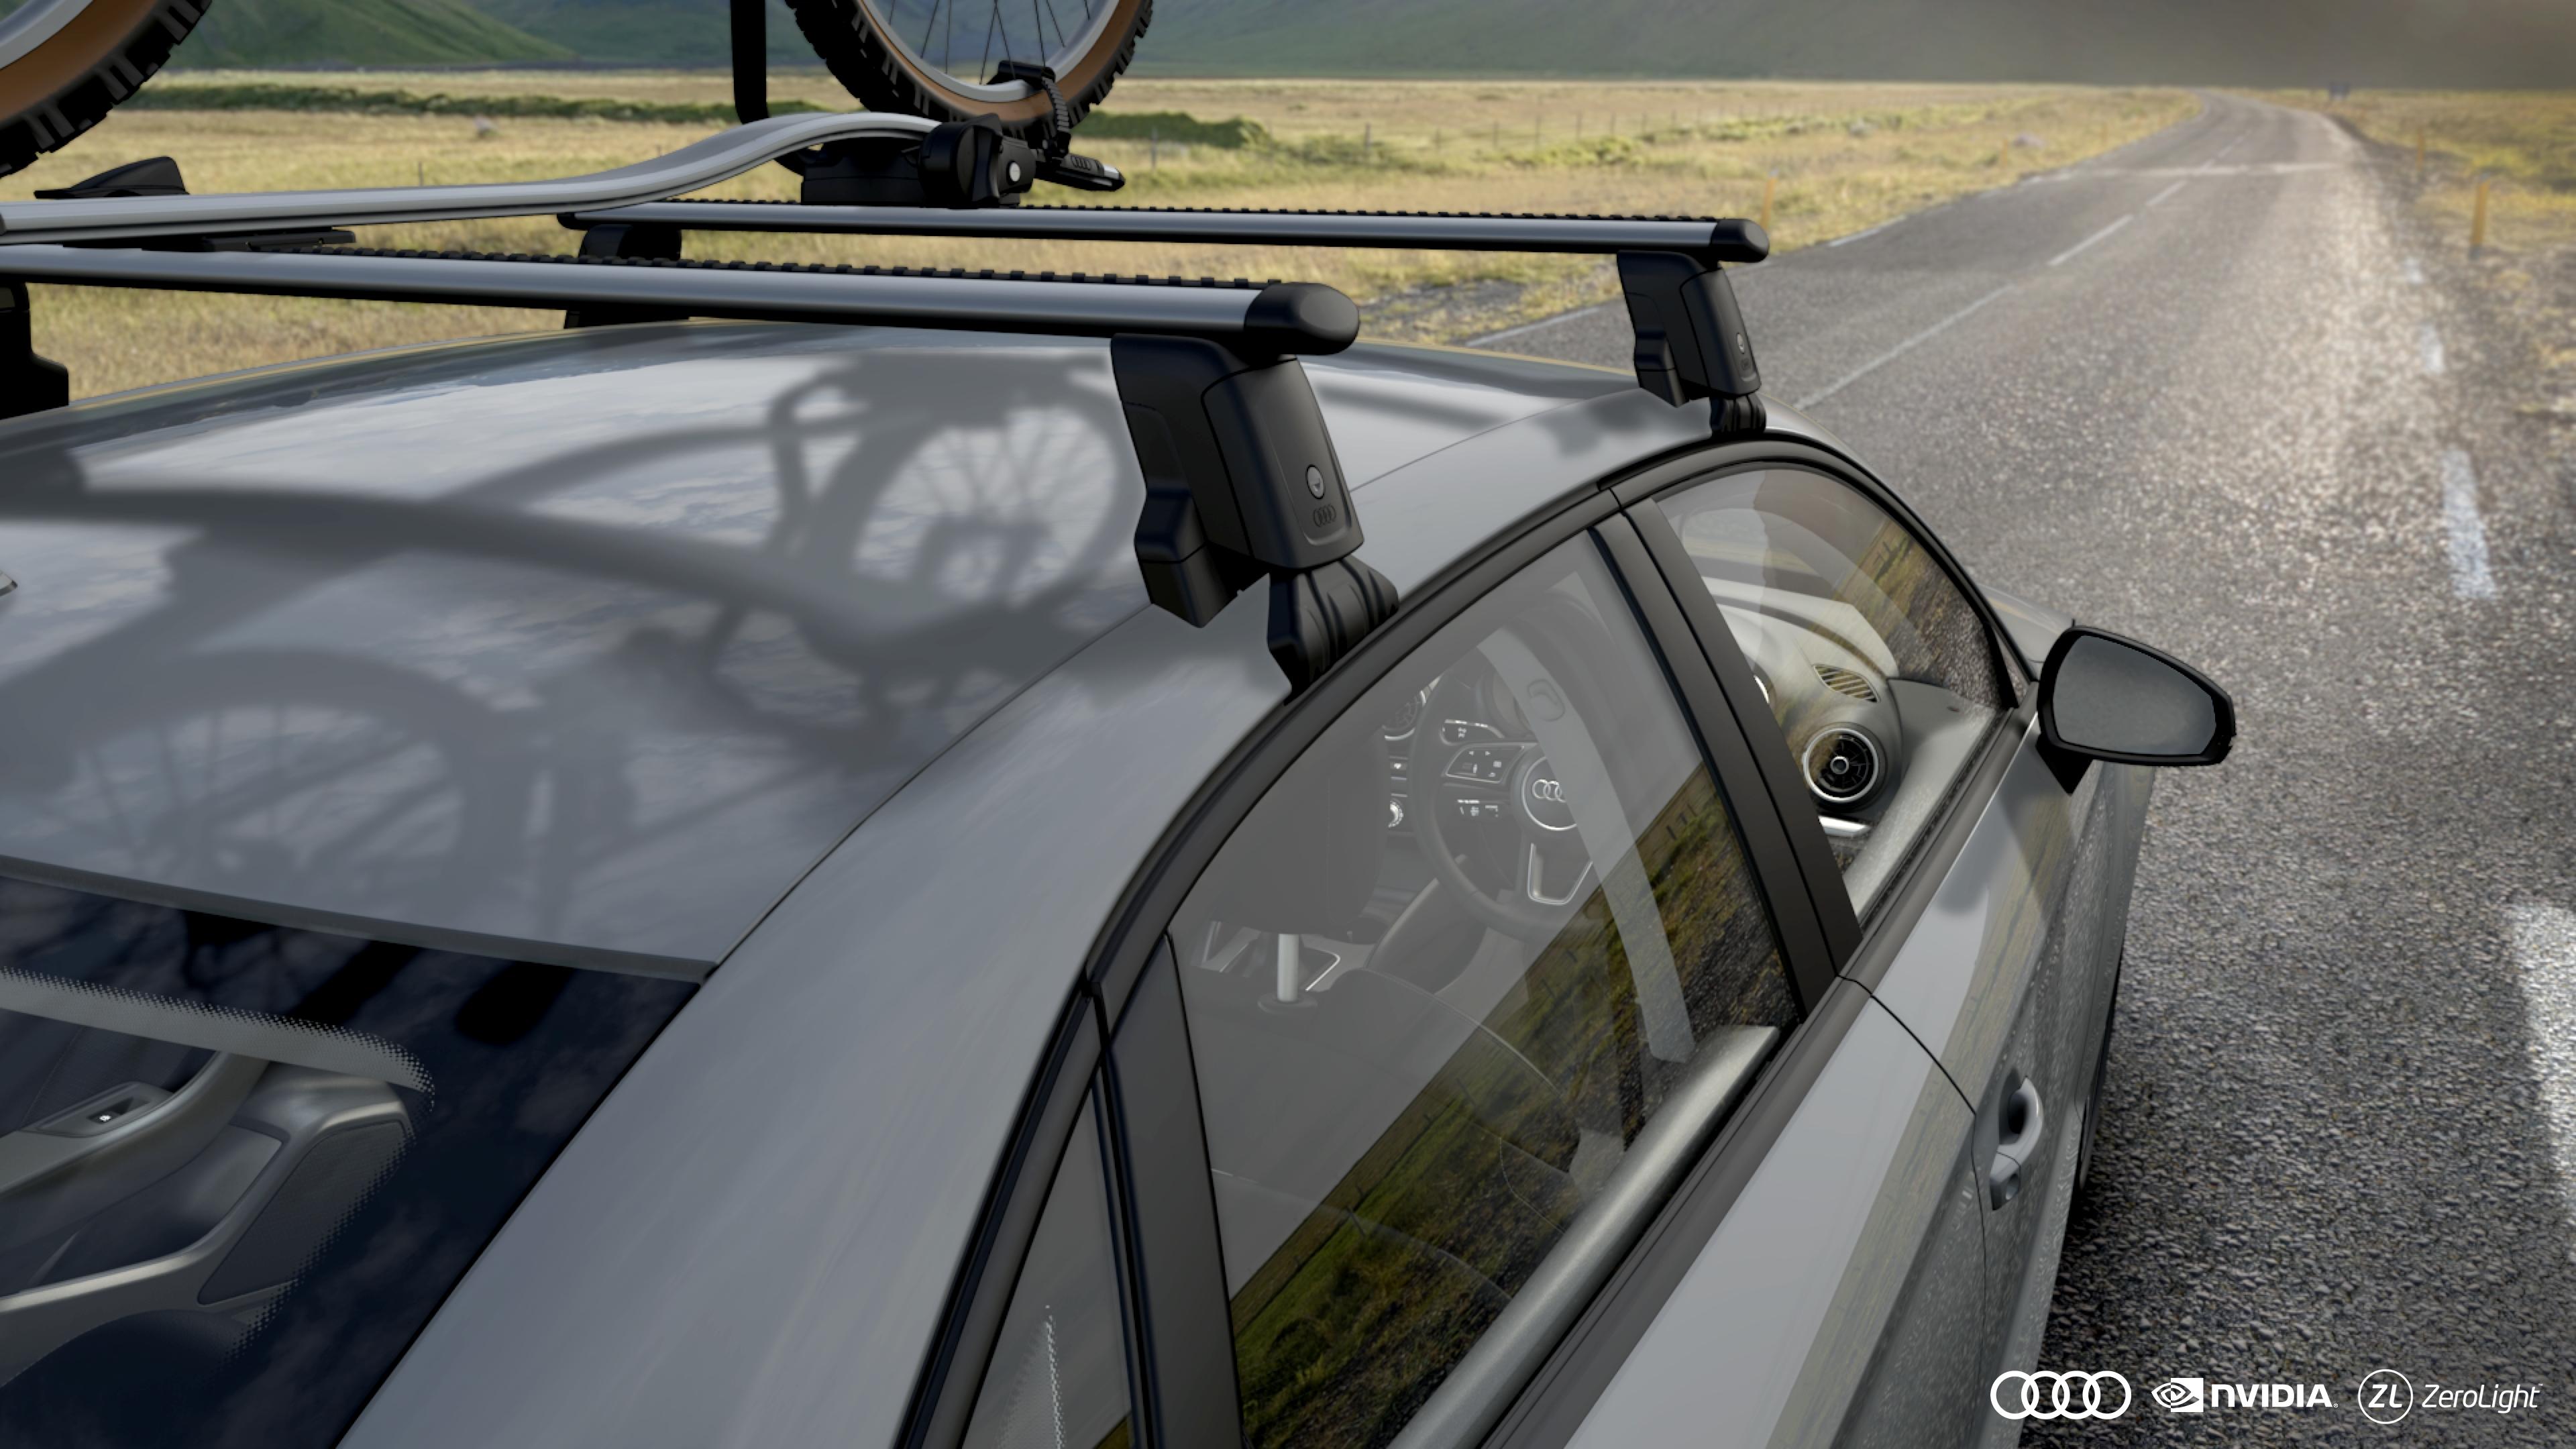 Nvidia To Halt AV Fleet Testing As Uber Investigates Fatal Crash